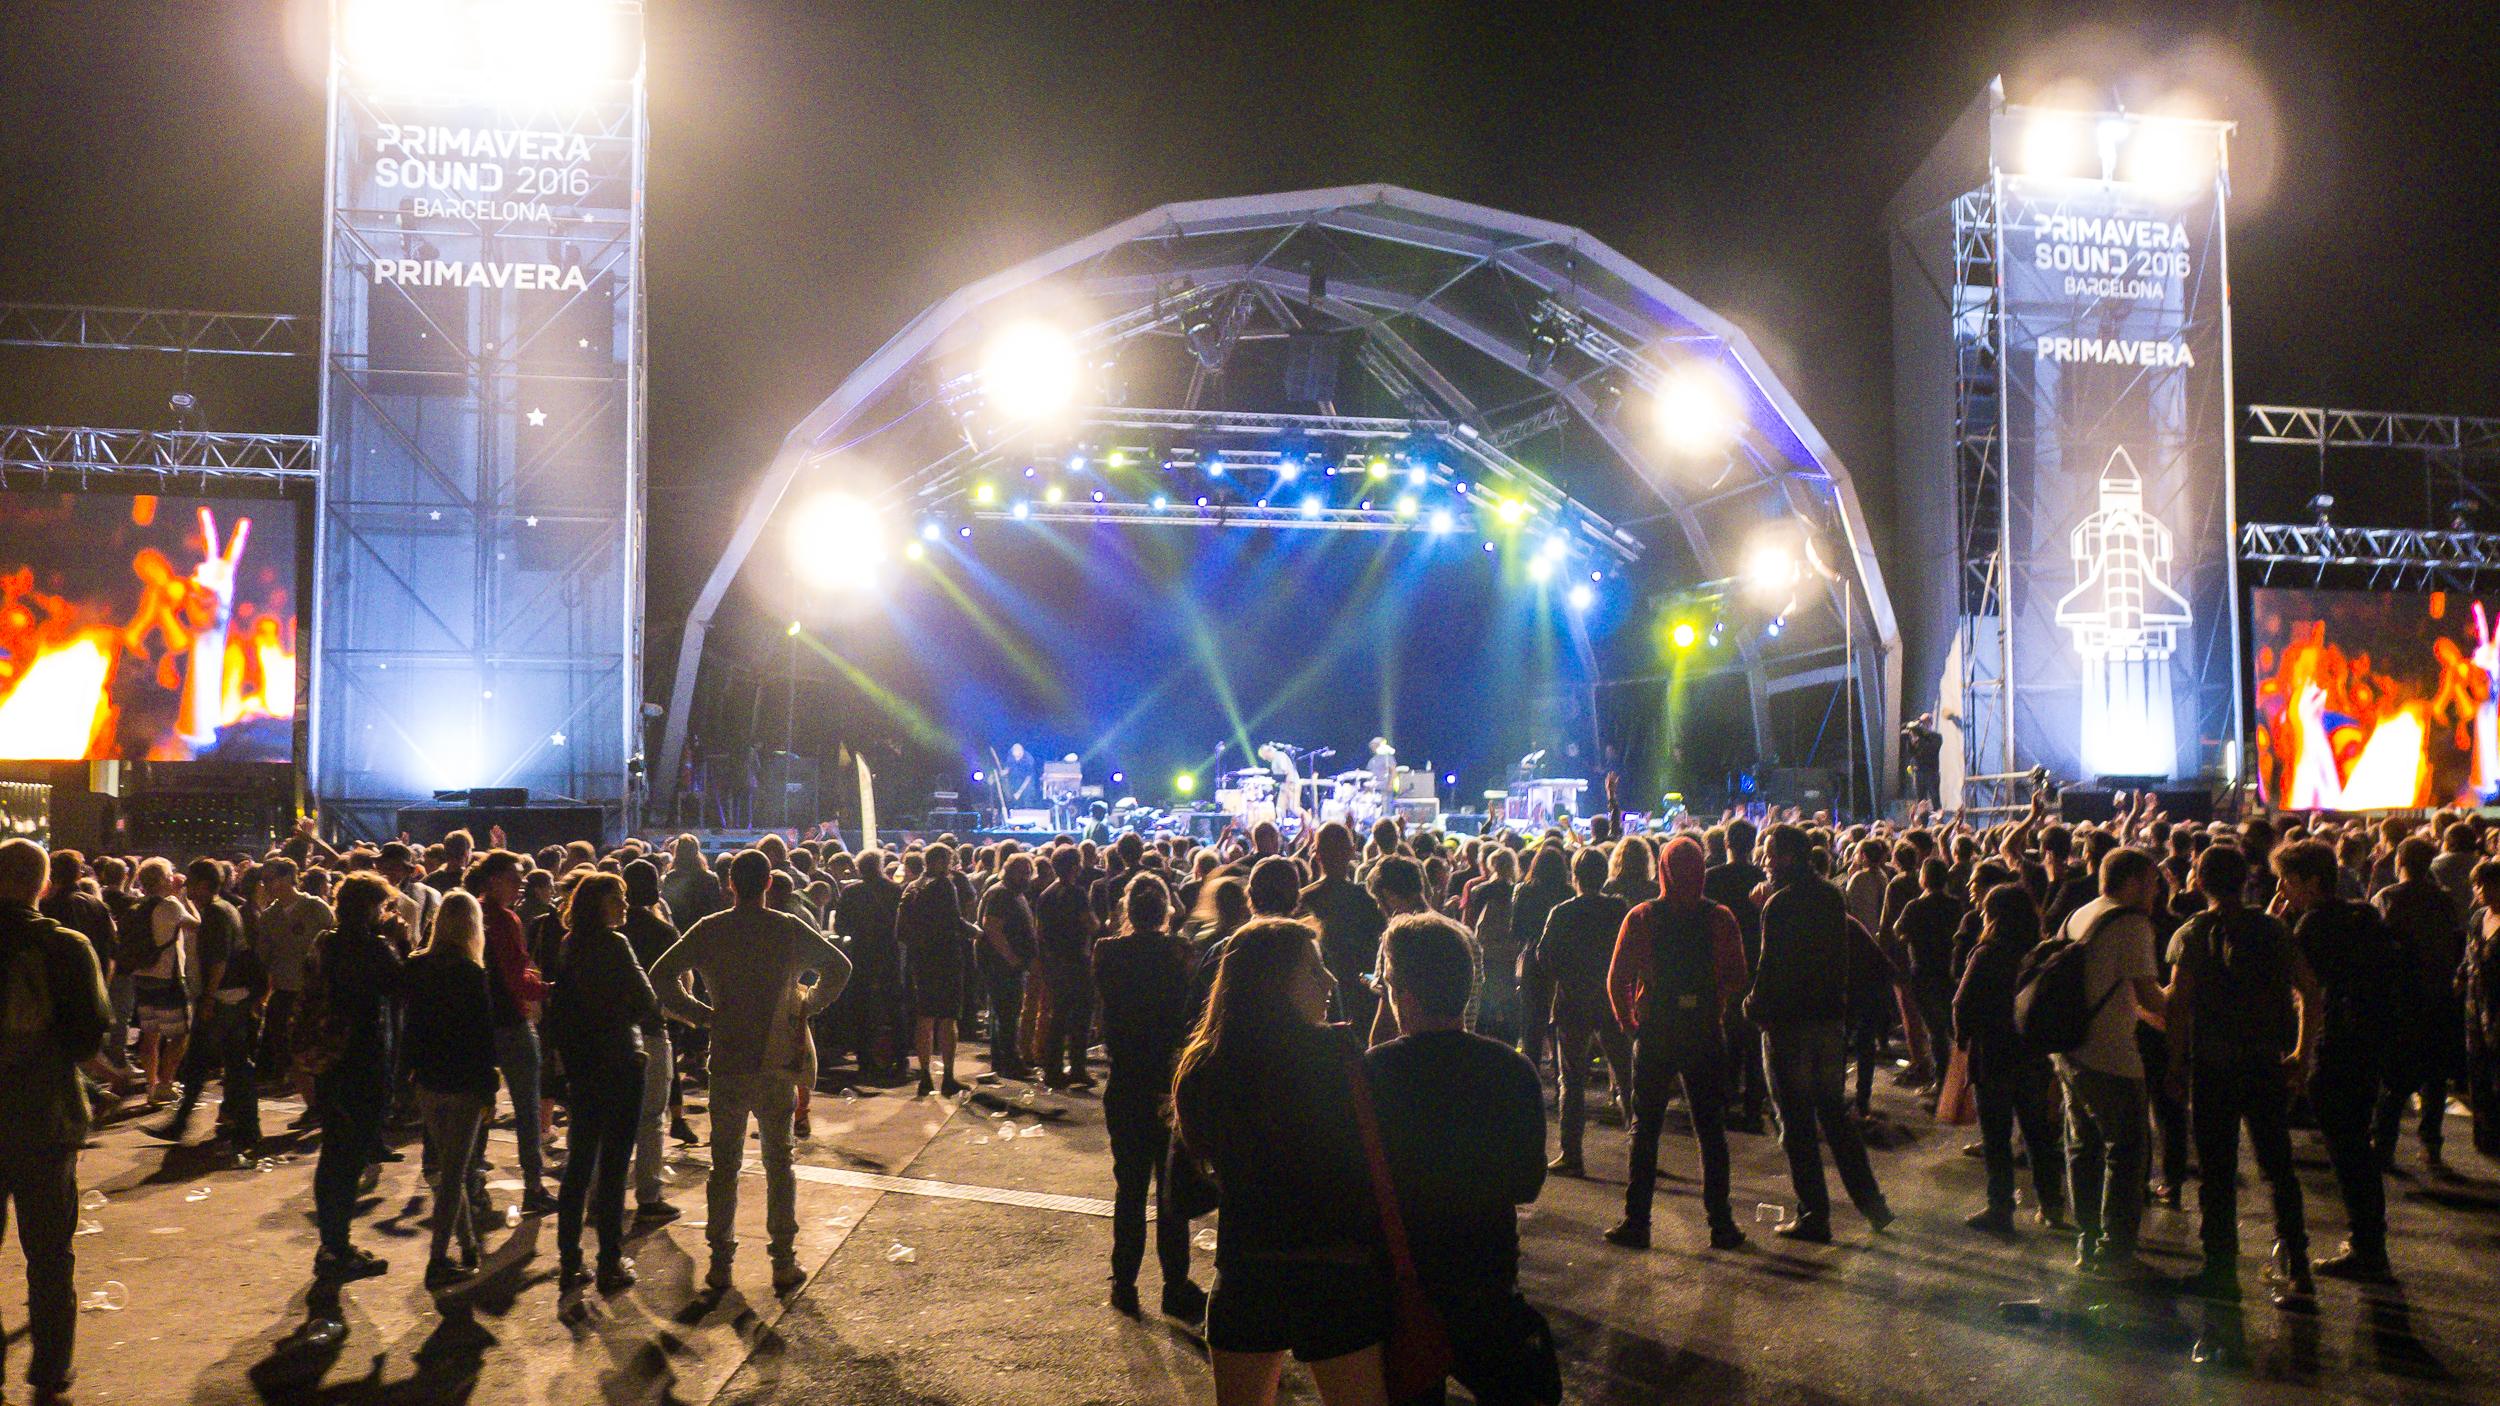 Primavera Sound Festival 2016